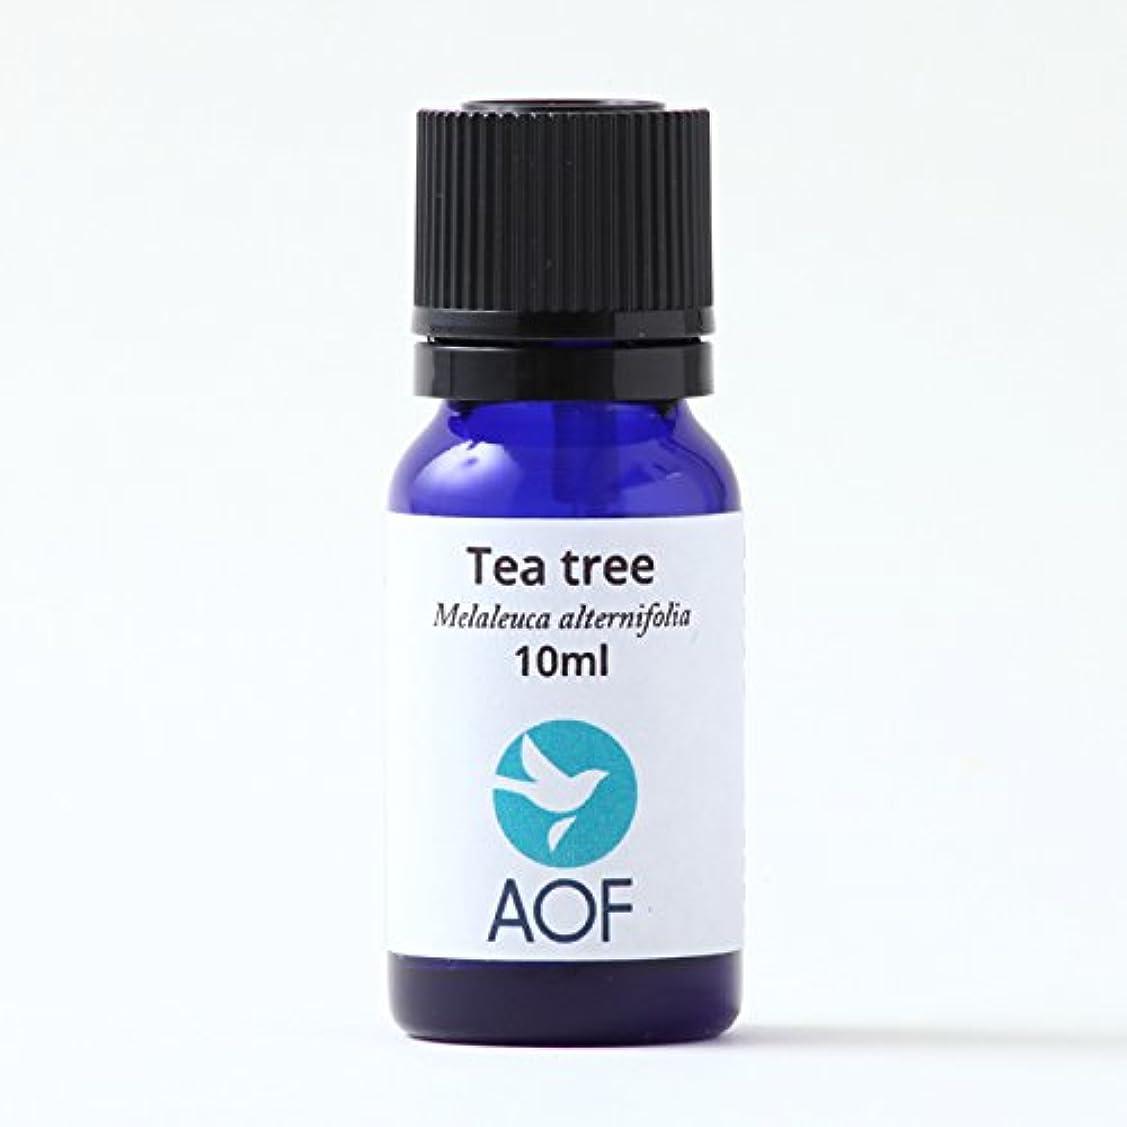 貢献代理店賠償AOF ティートゥリーエッセンシャルオイル teatree essential oil 10ml